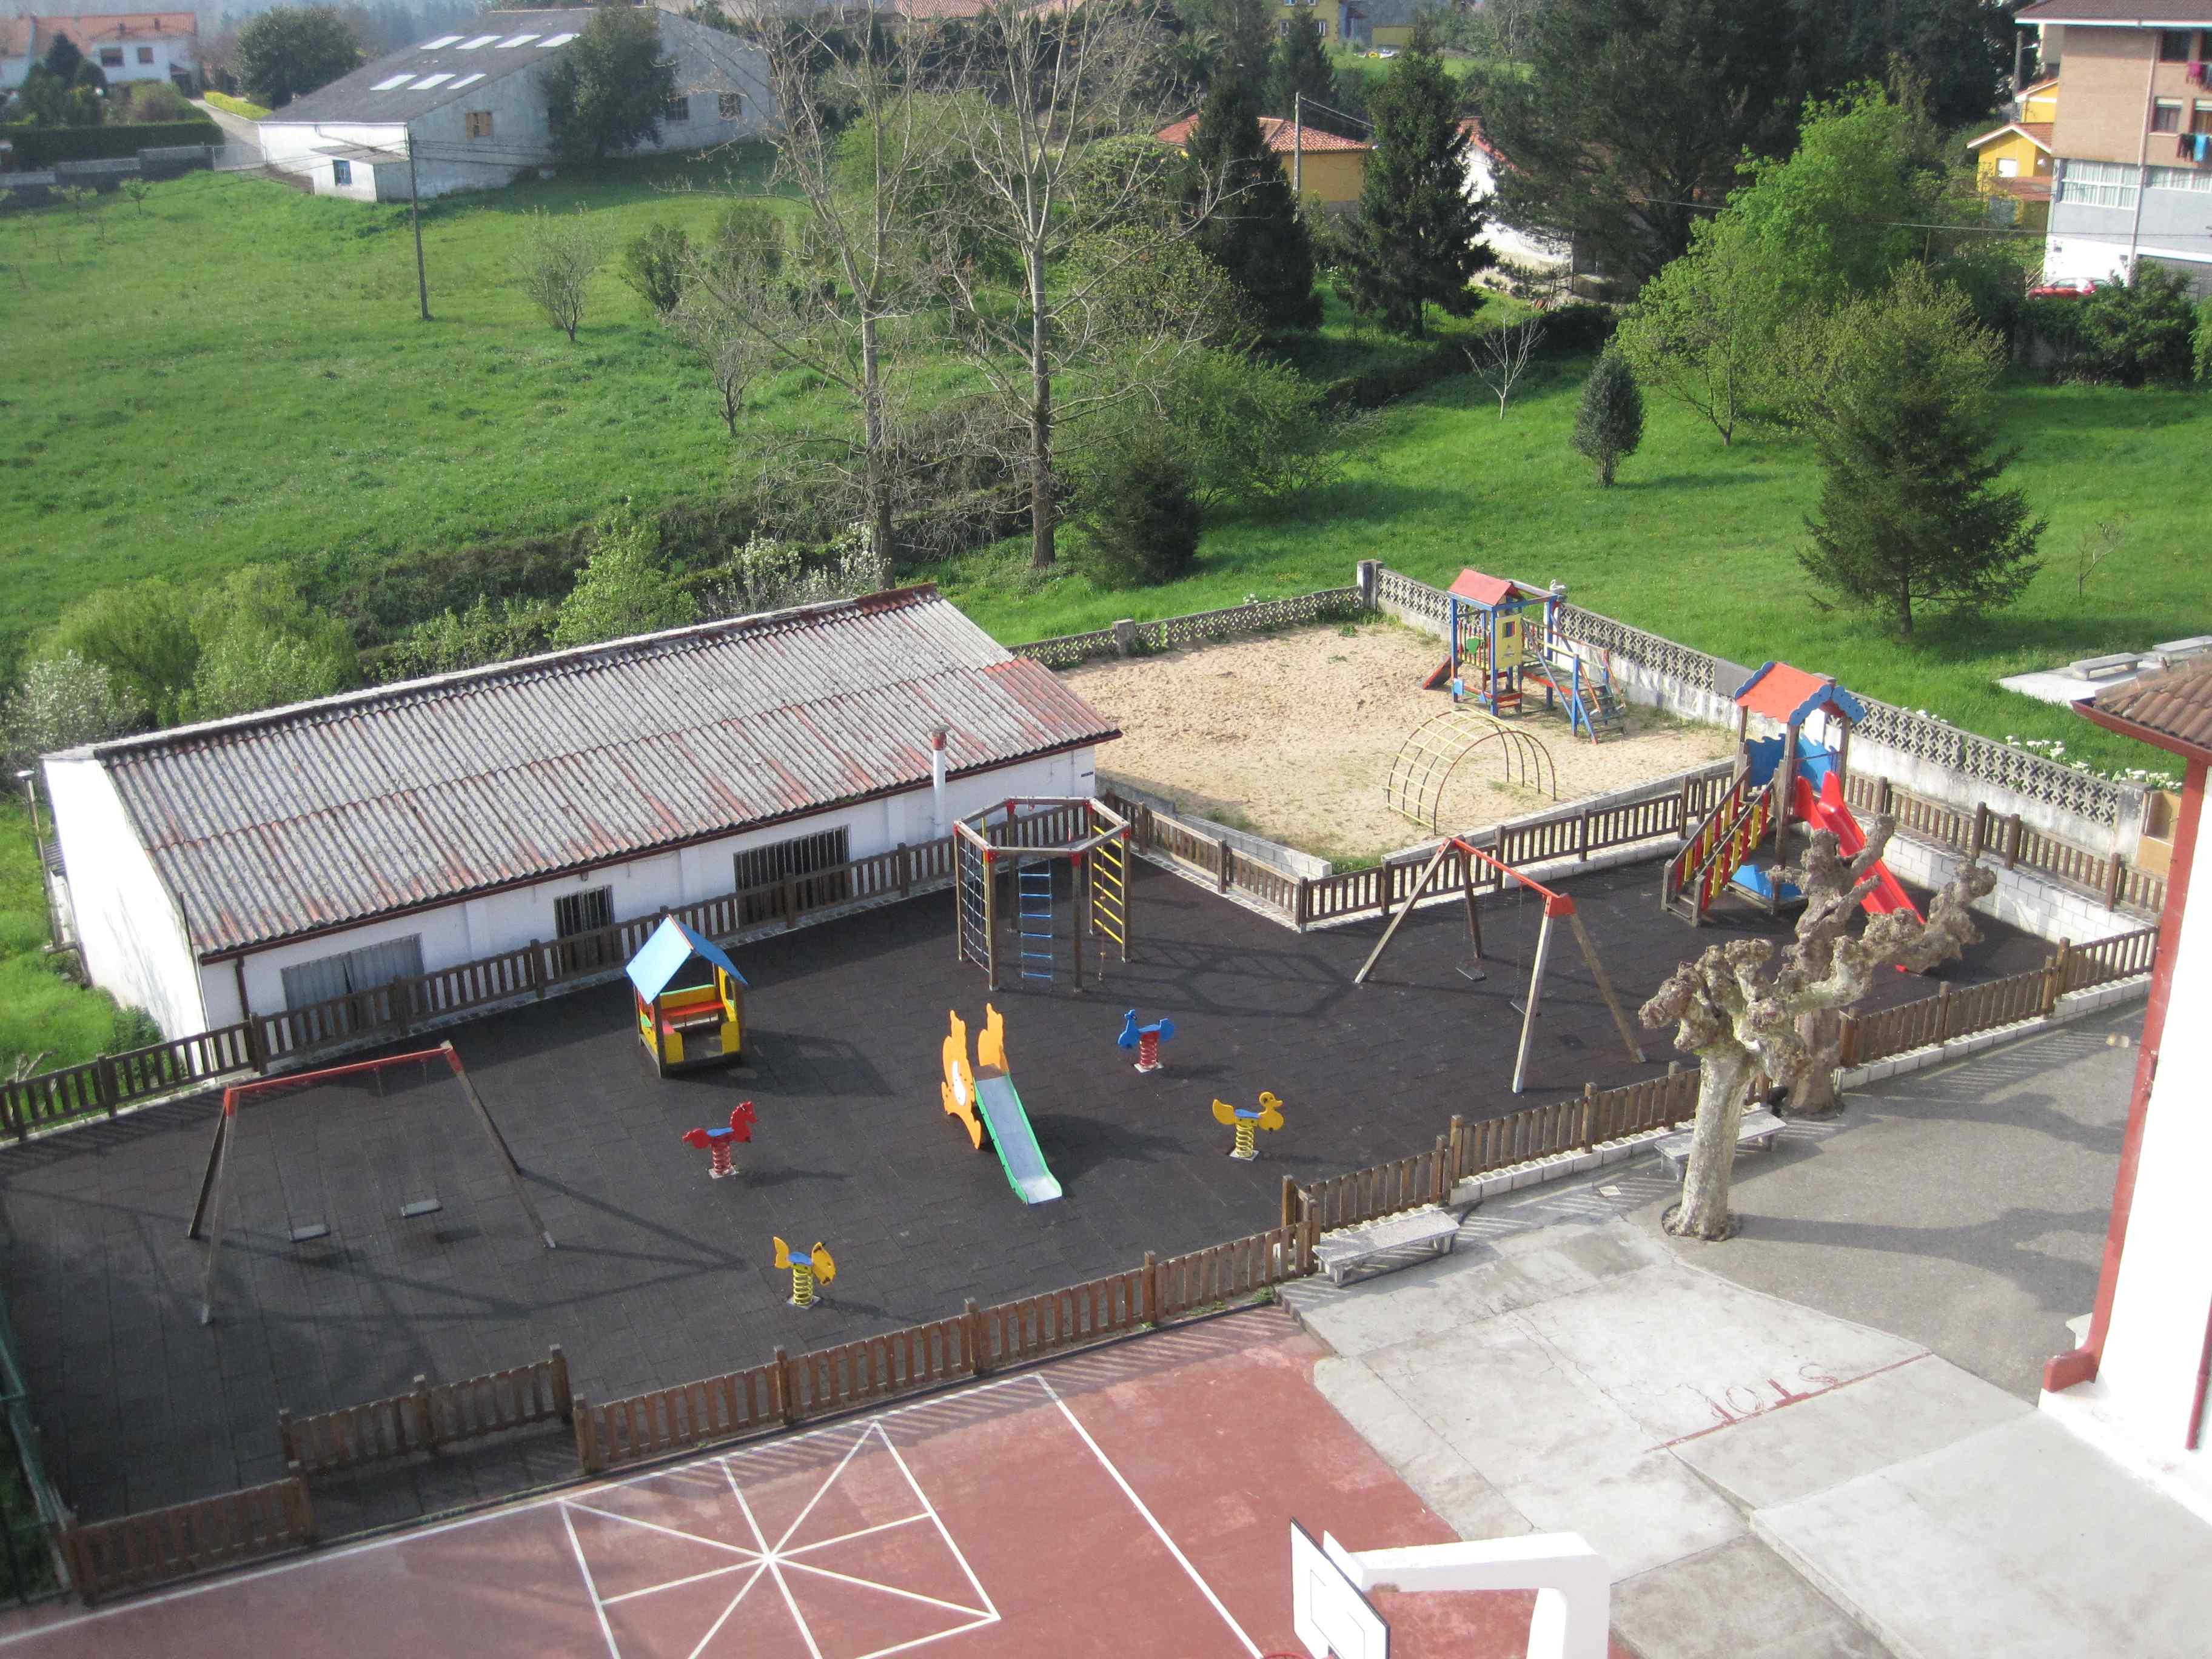 Colegios en Polanco Torrelavega Colegio la MIlagrosa instalaciones